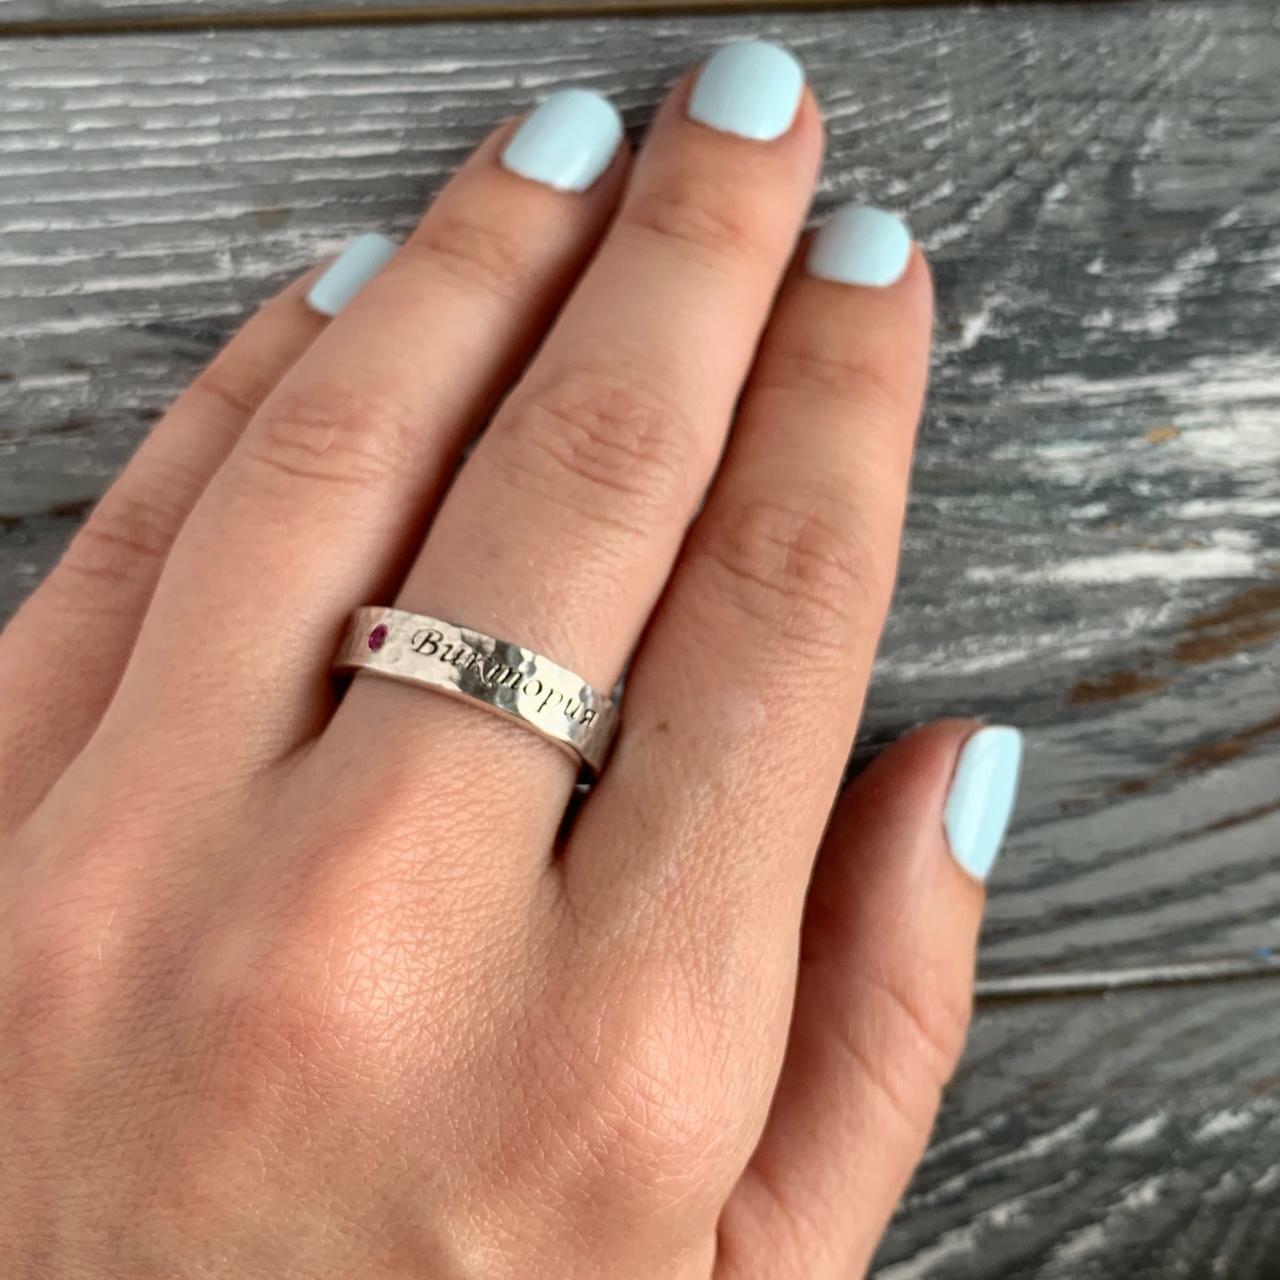 Кольцо с камнем-талисманом и именем ребенка: серебро 925 пробы